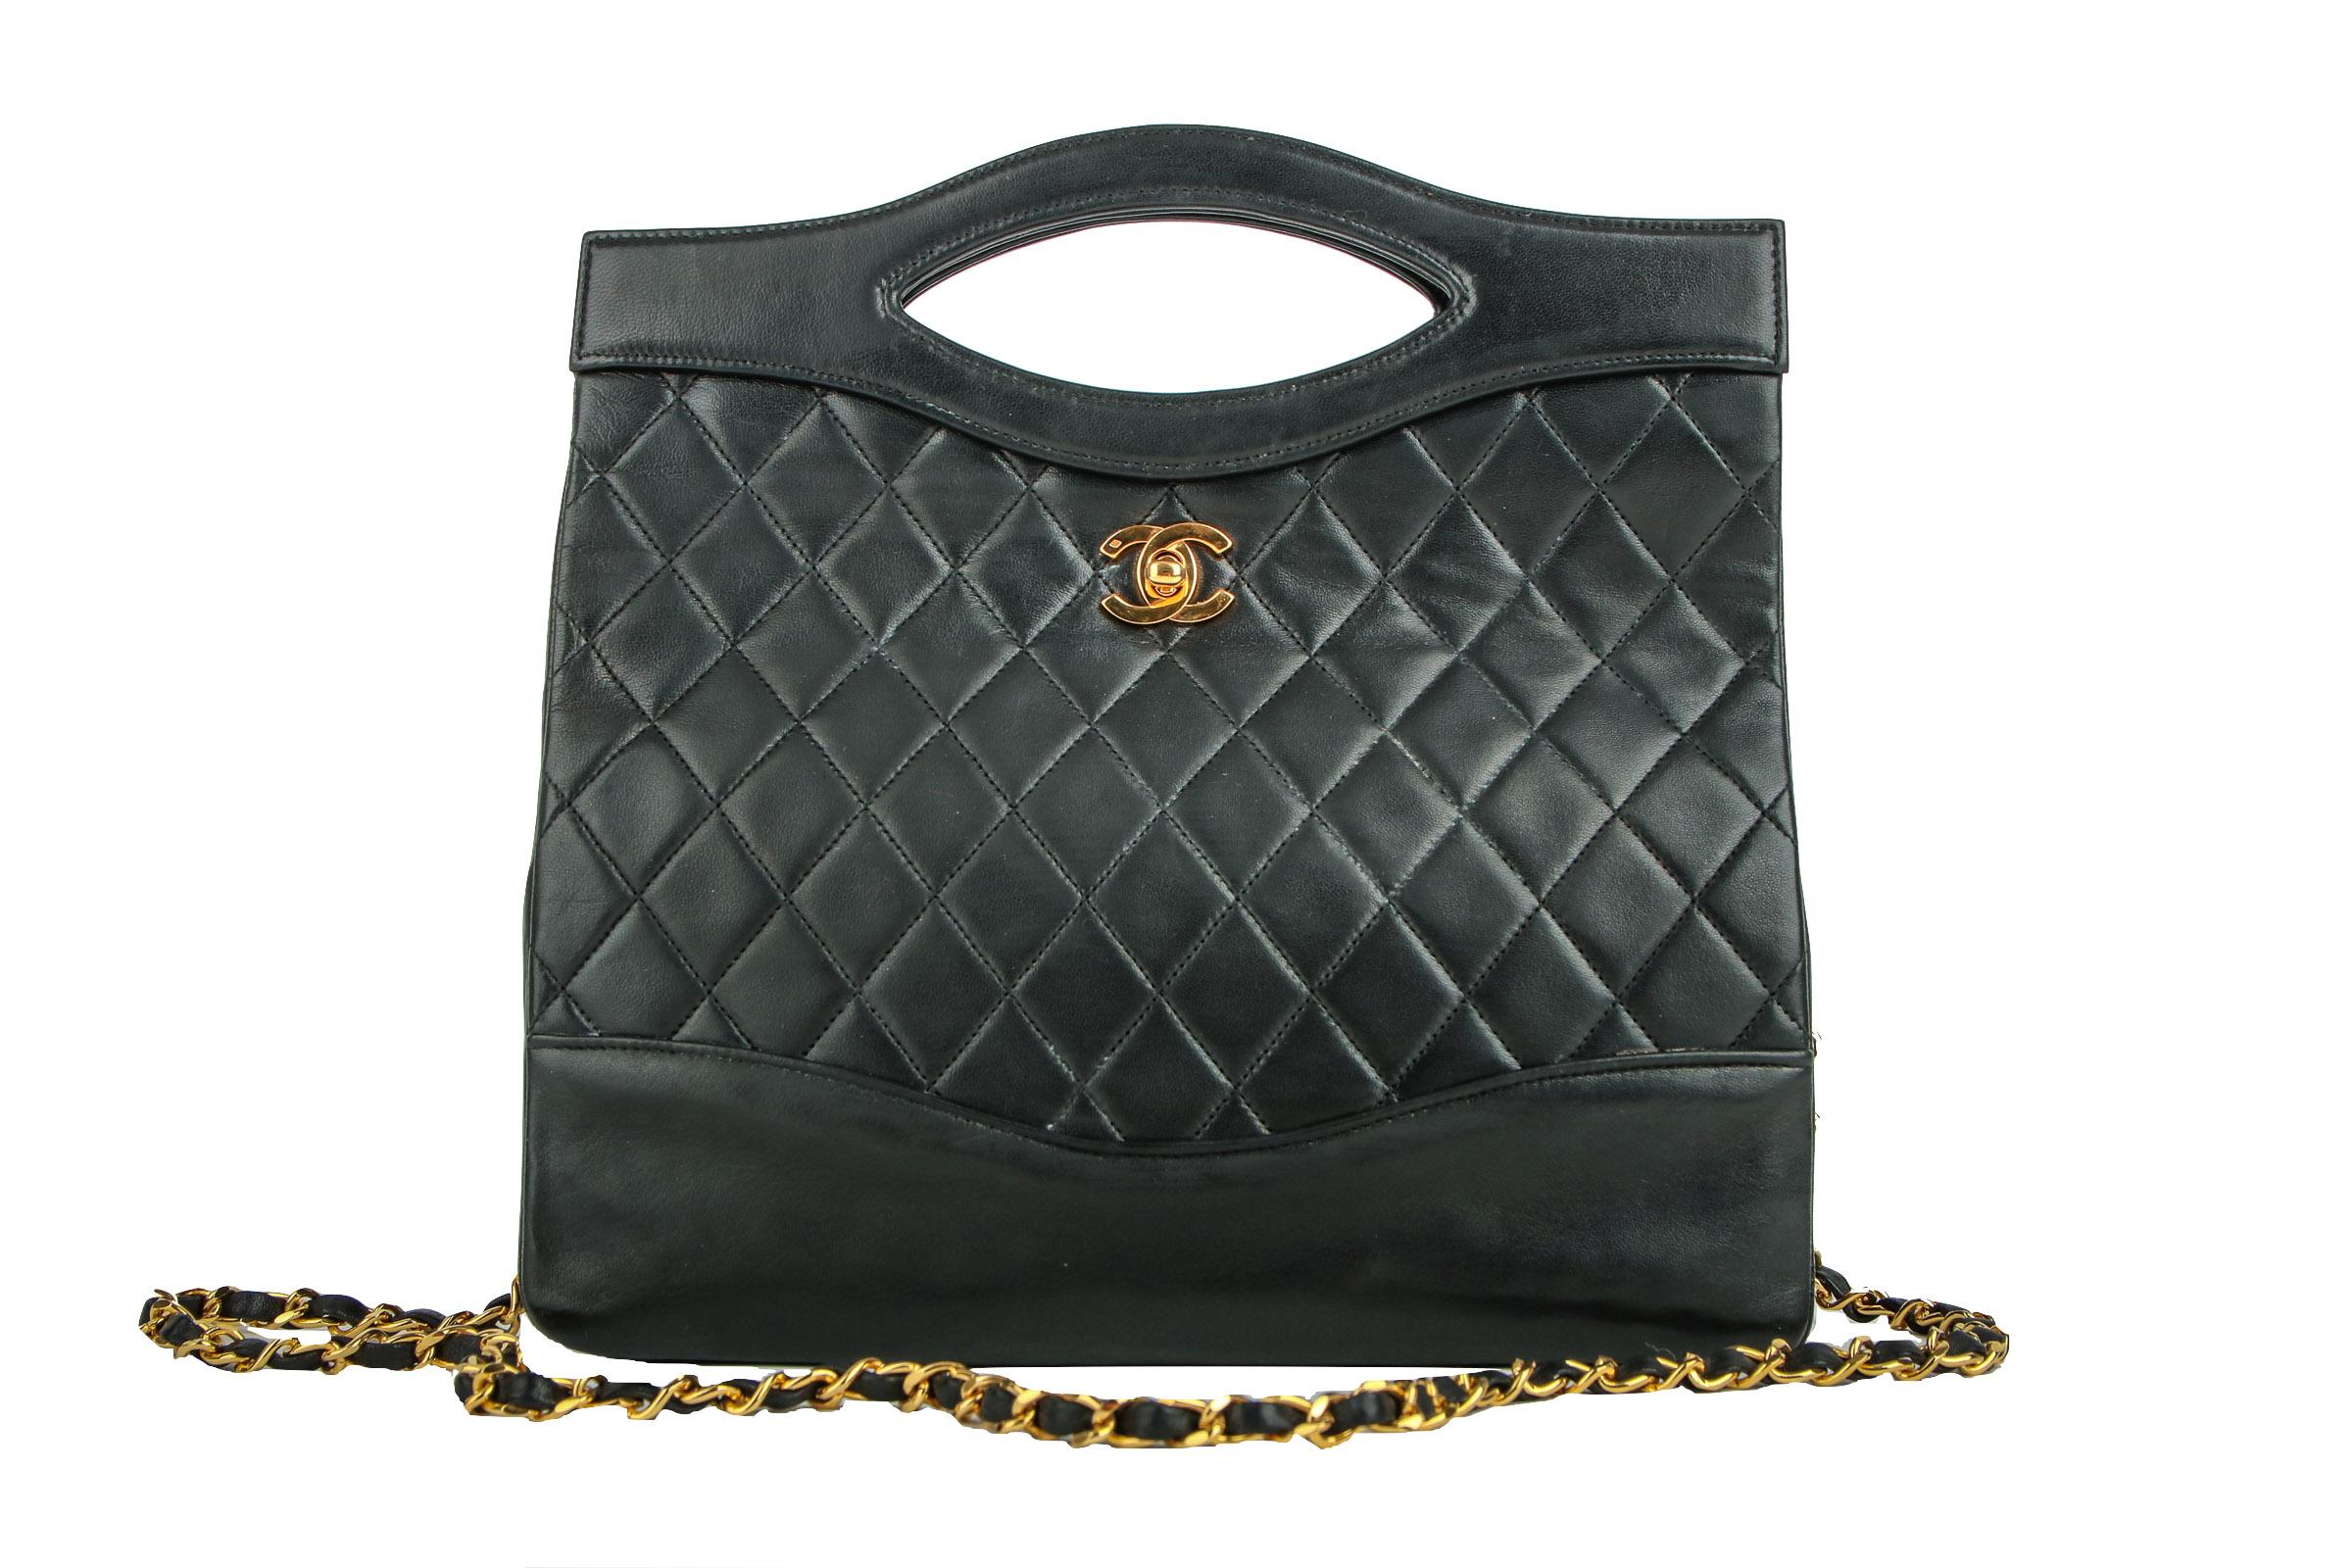 6ca58b60ae7d0 Luxus Handtaschen Onlineshop